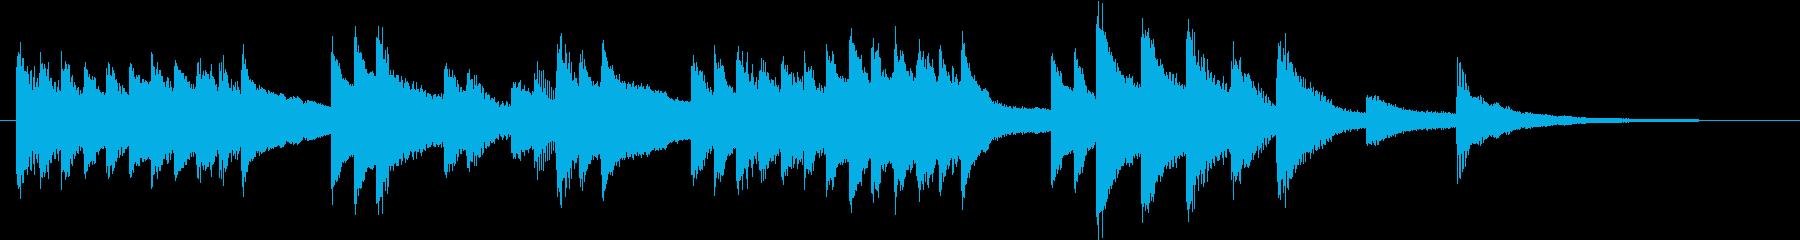 のどかで懐かしいメロディのピアノジングルの再生済みの波形